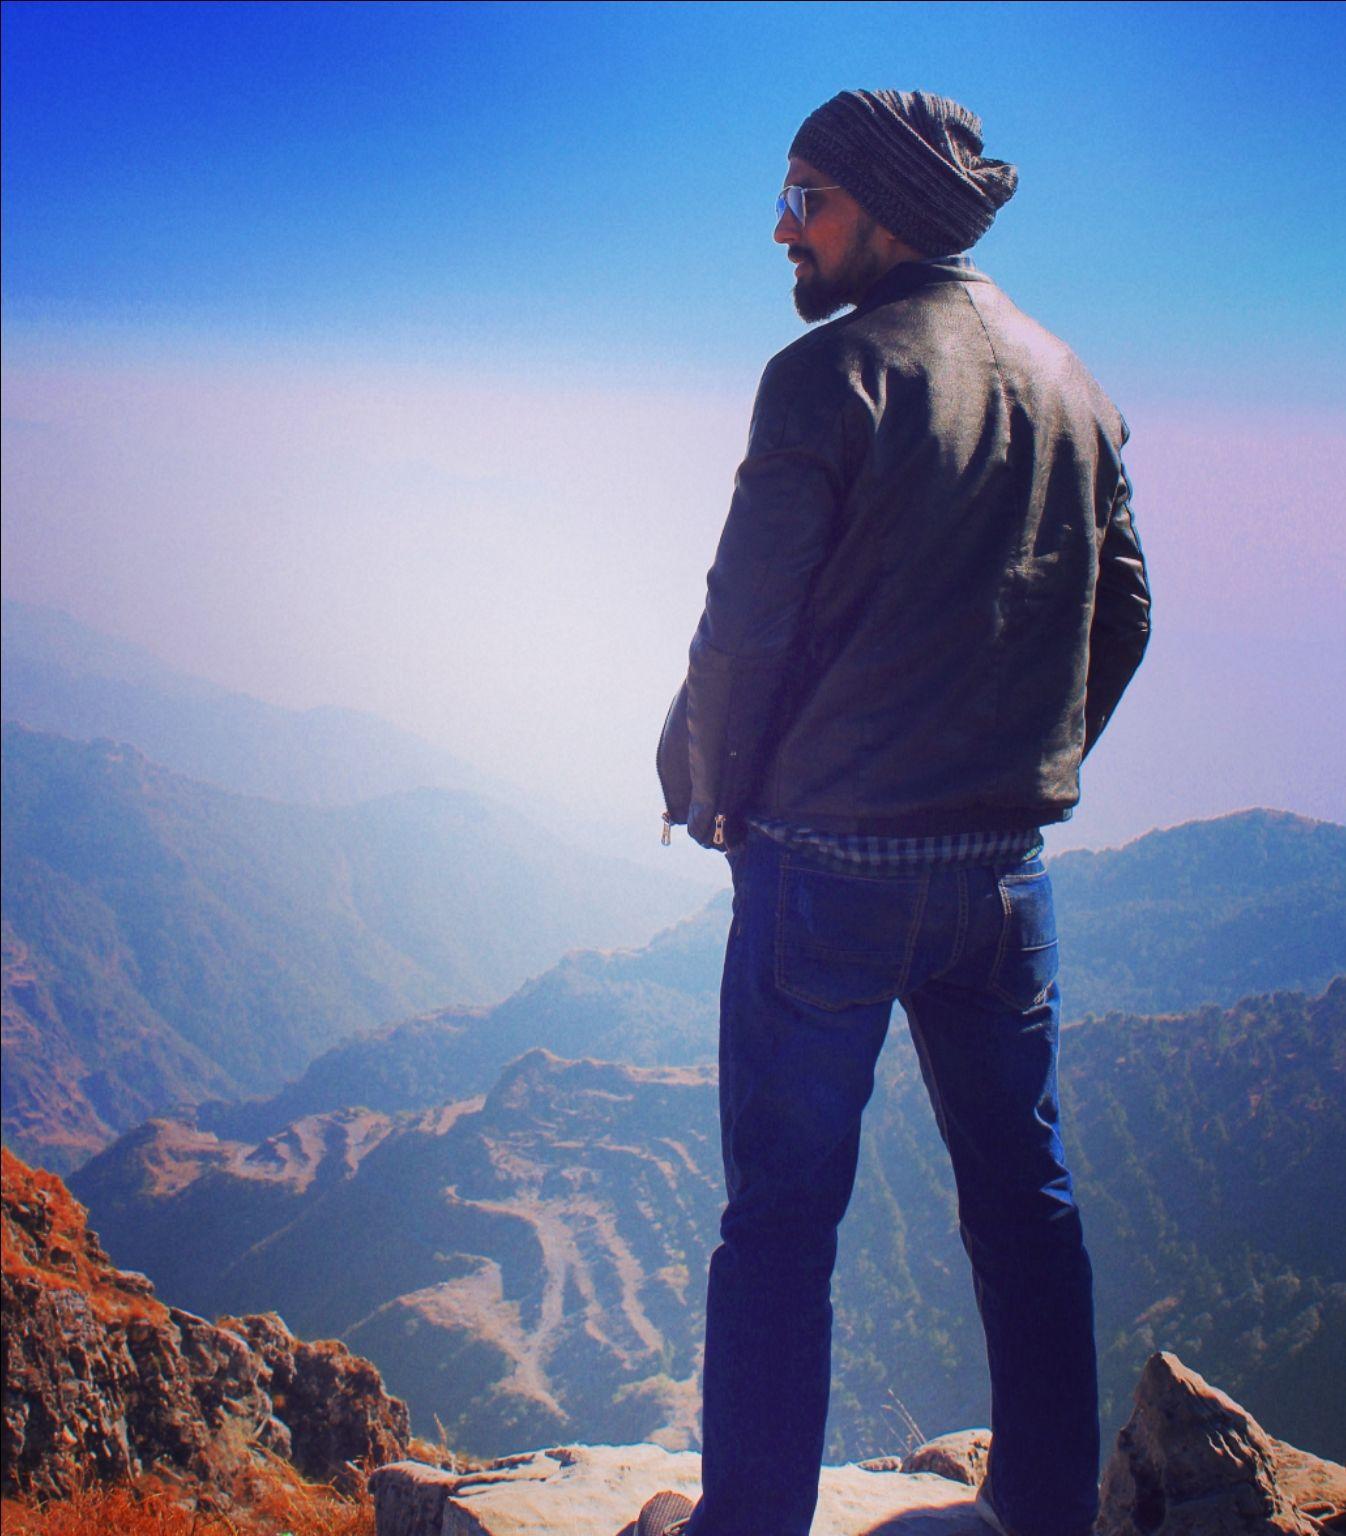 Photo of George Everest Peak By Amit kumar